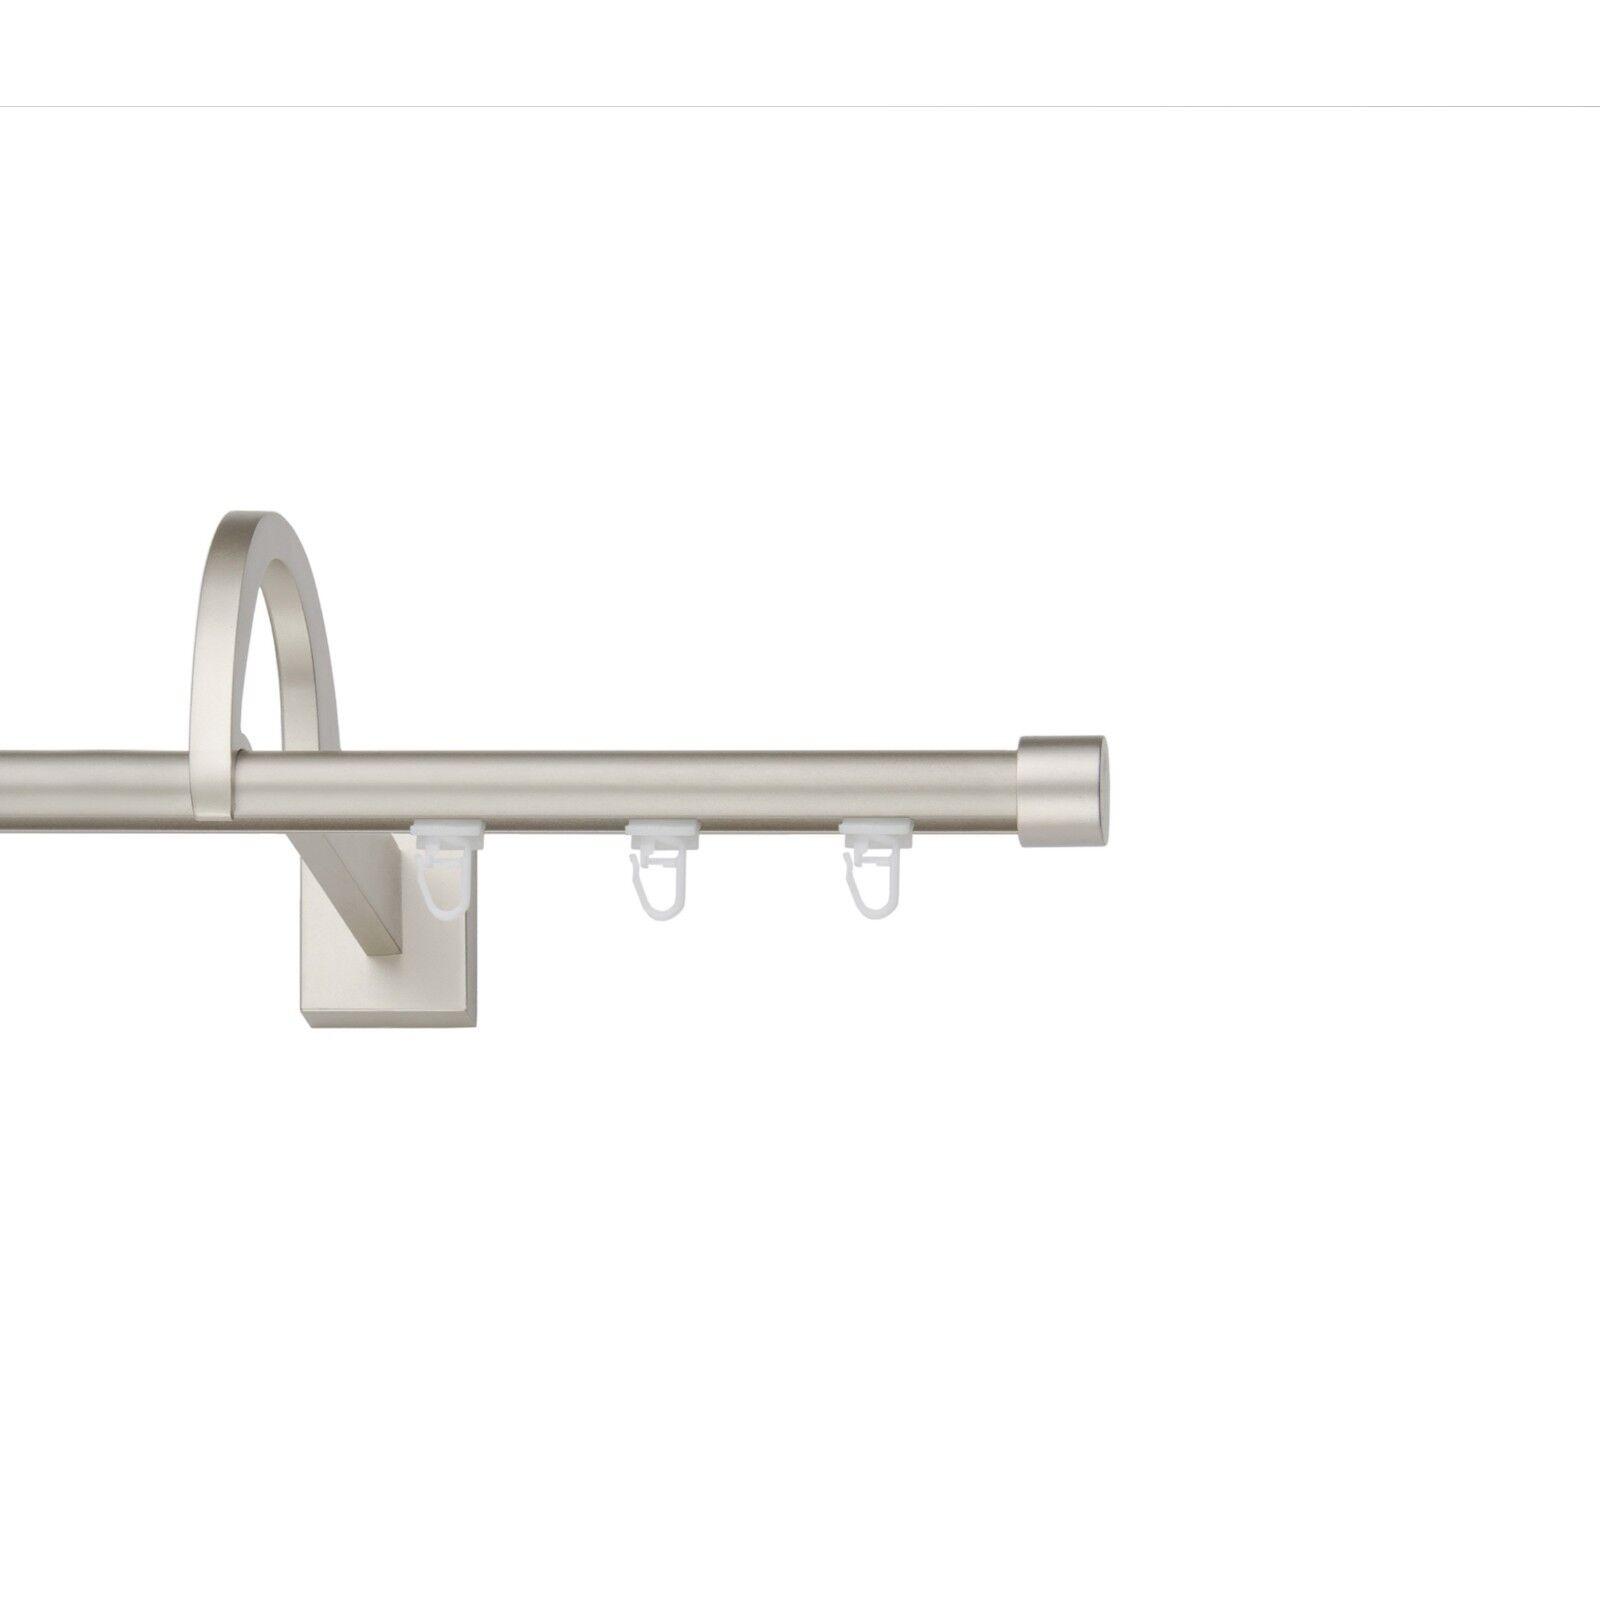 Innenlauf 19mm mit außergewöhnlicher Halterung(Chrom-Matt),1 2-Läuf, 120-600cm | Reichhaltiges Design